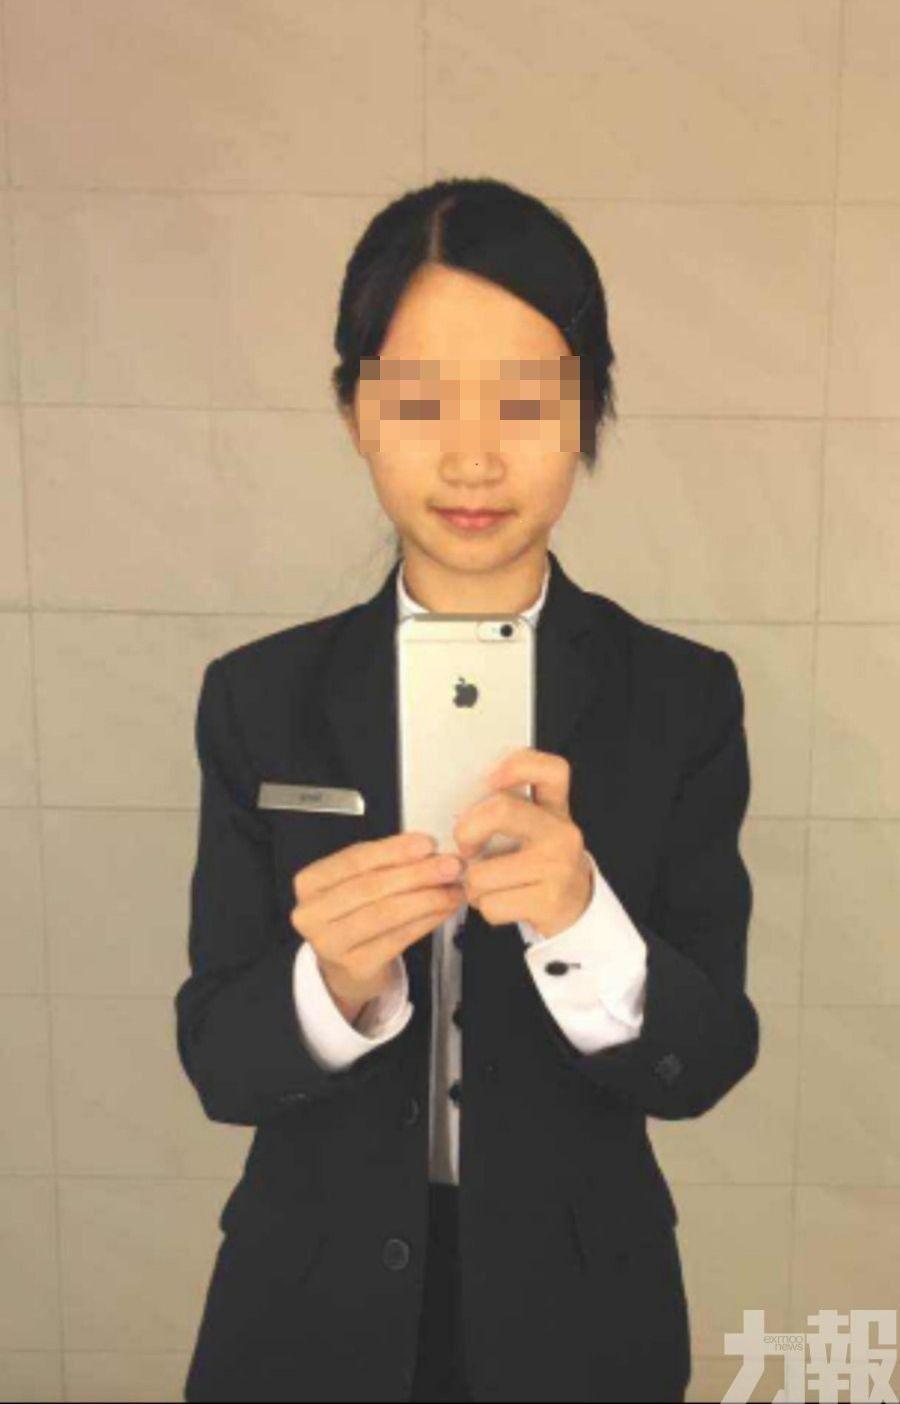 劉夢瑩:只要不嫌我醜,希望可以繼續鼓勵其他人